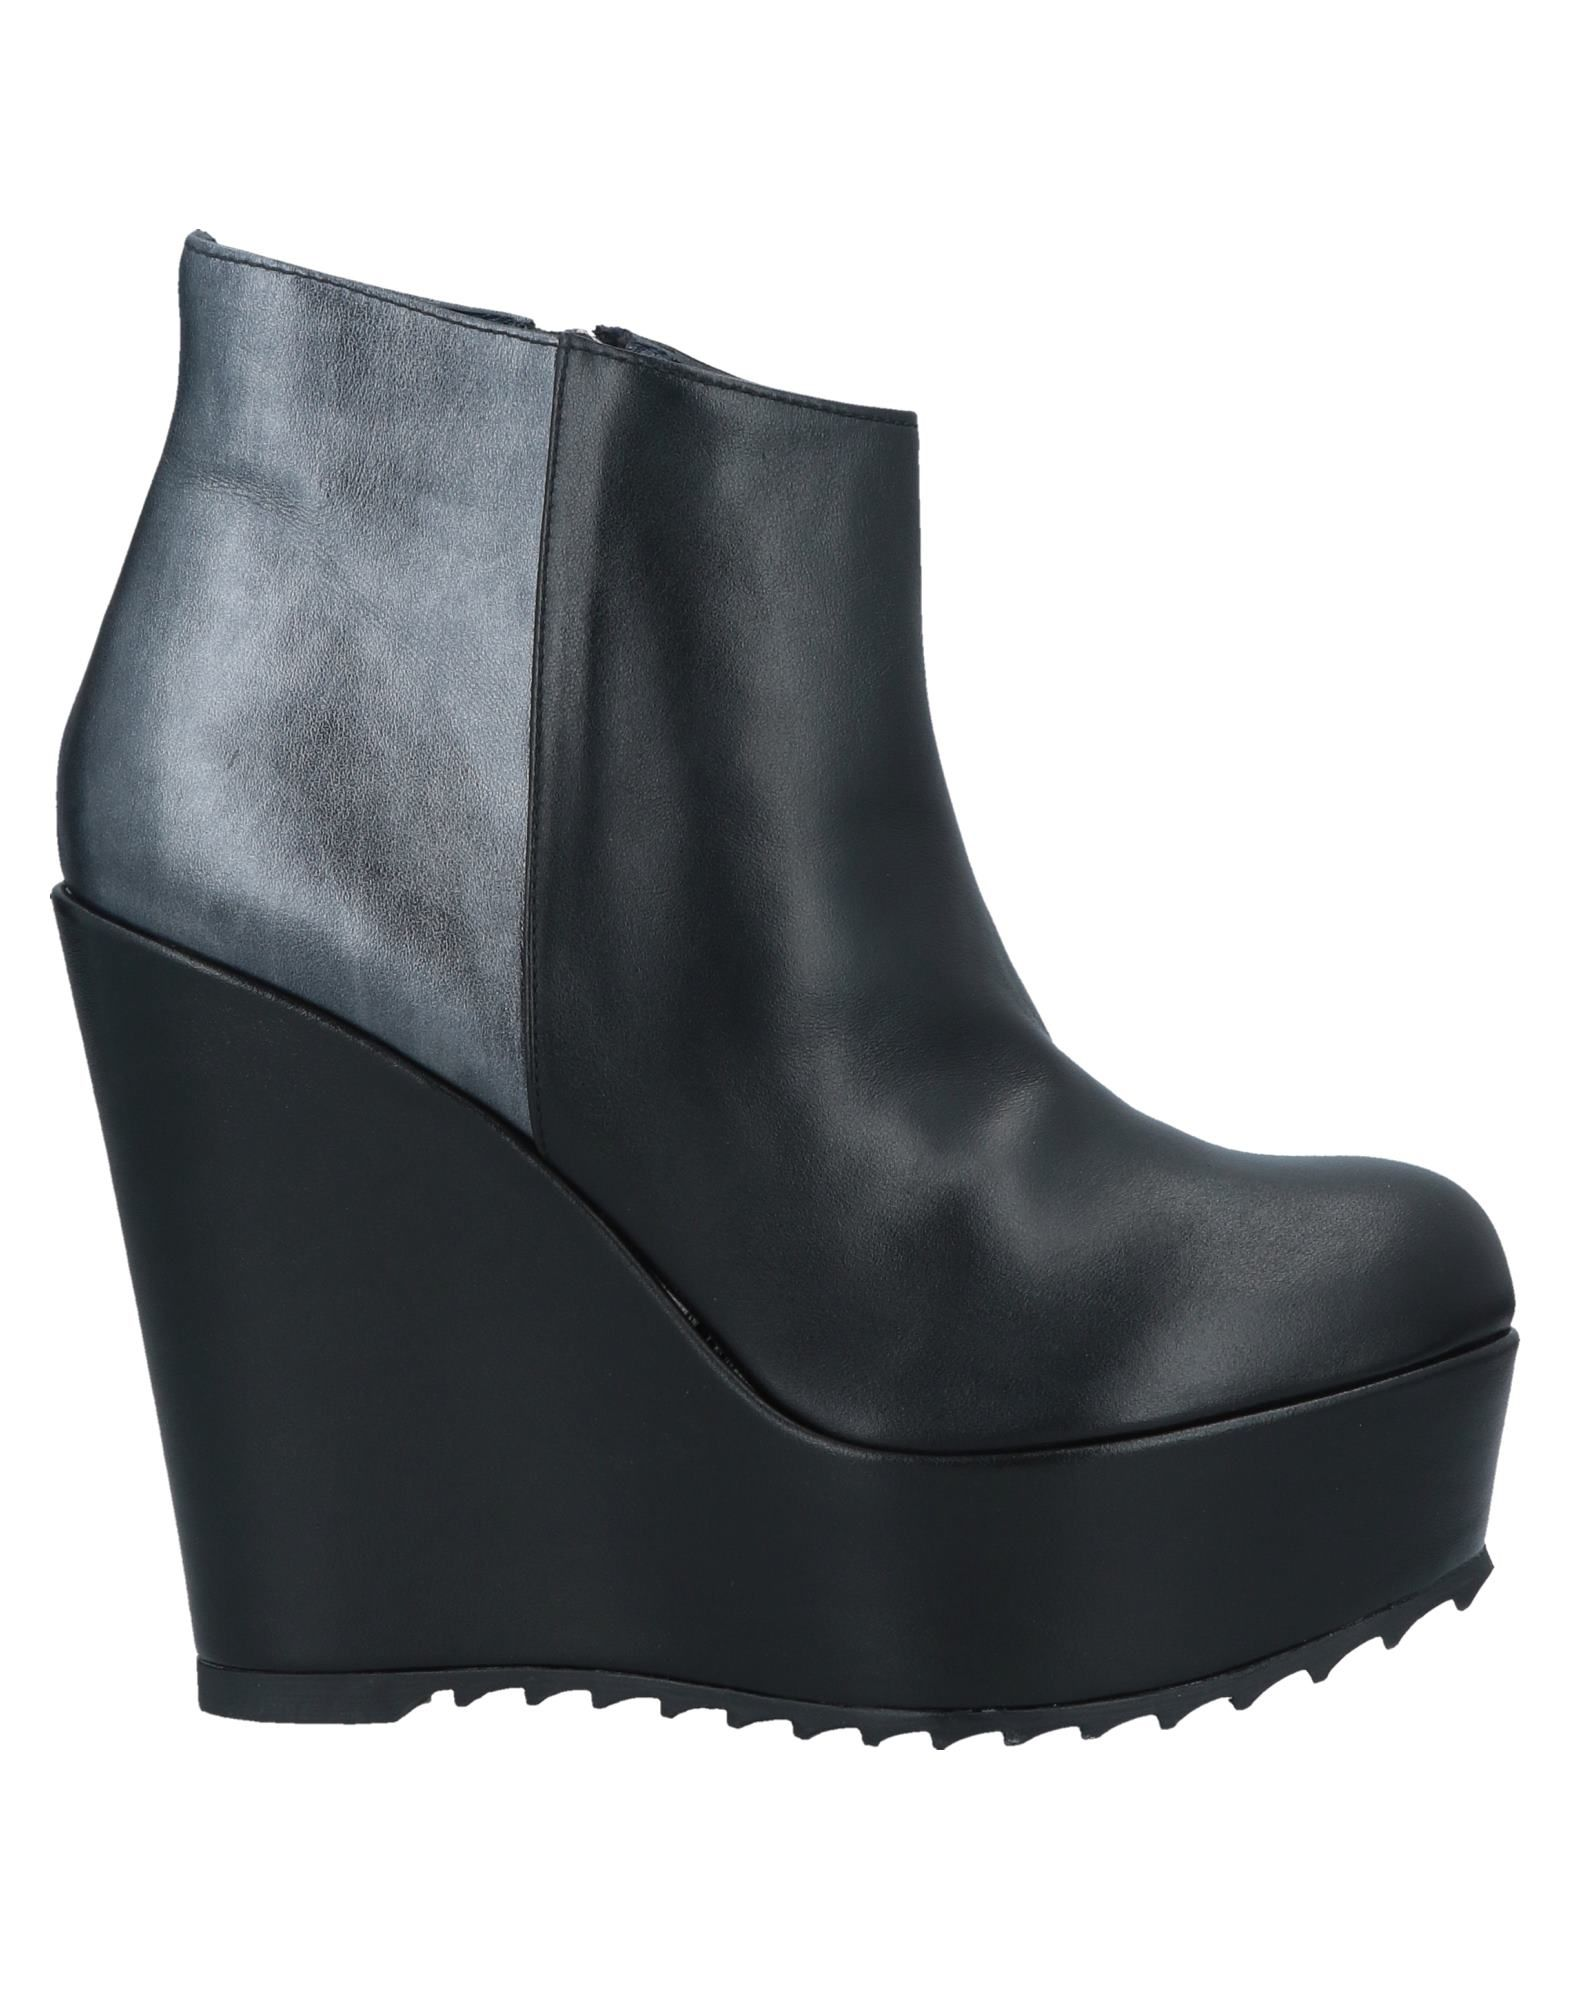 4d46a481 Модная брендовая одежда и обувь на любой сезон - все цены на KR-C